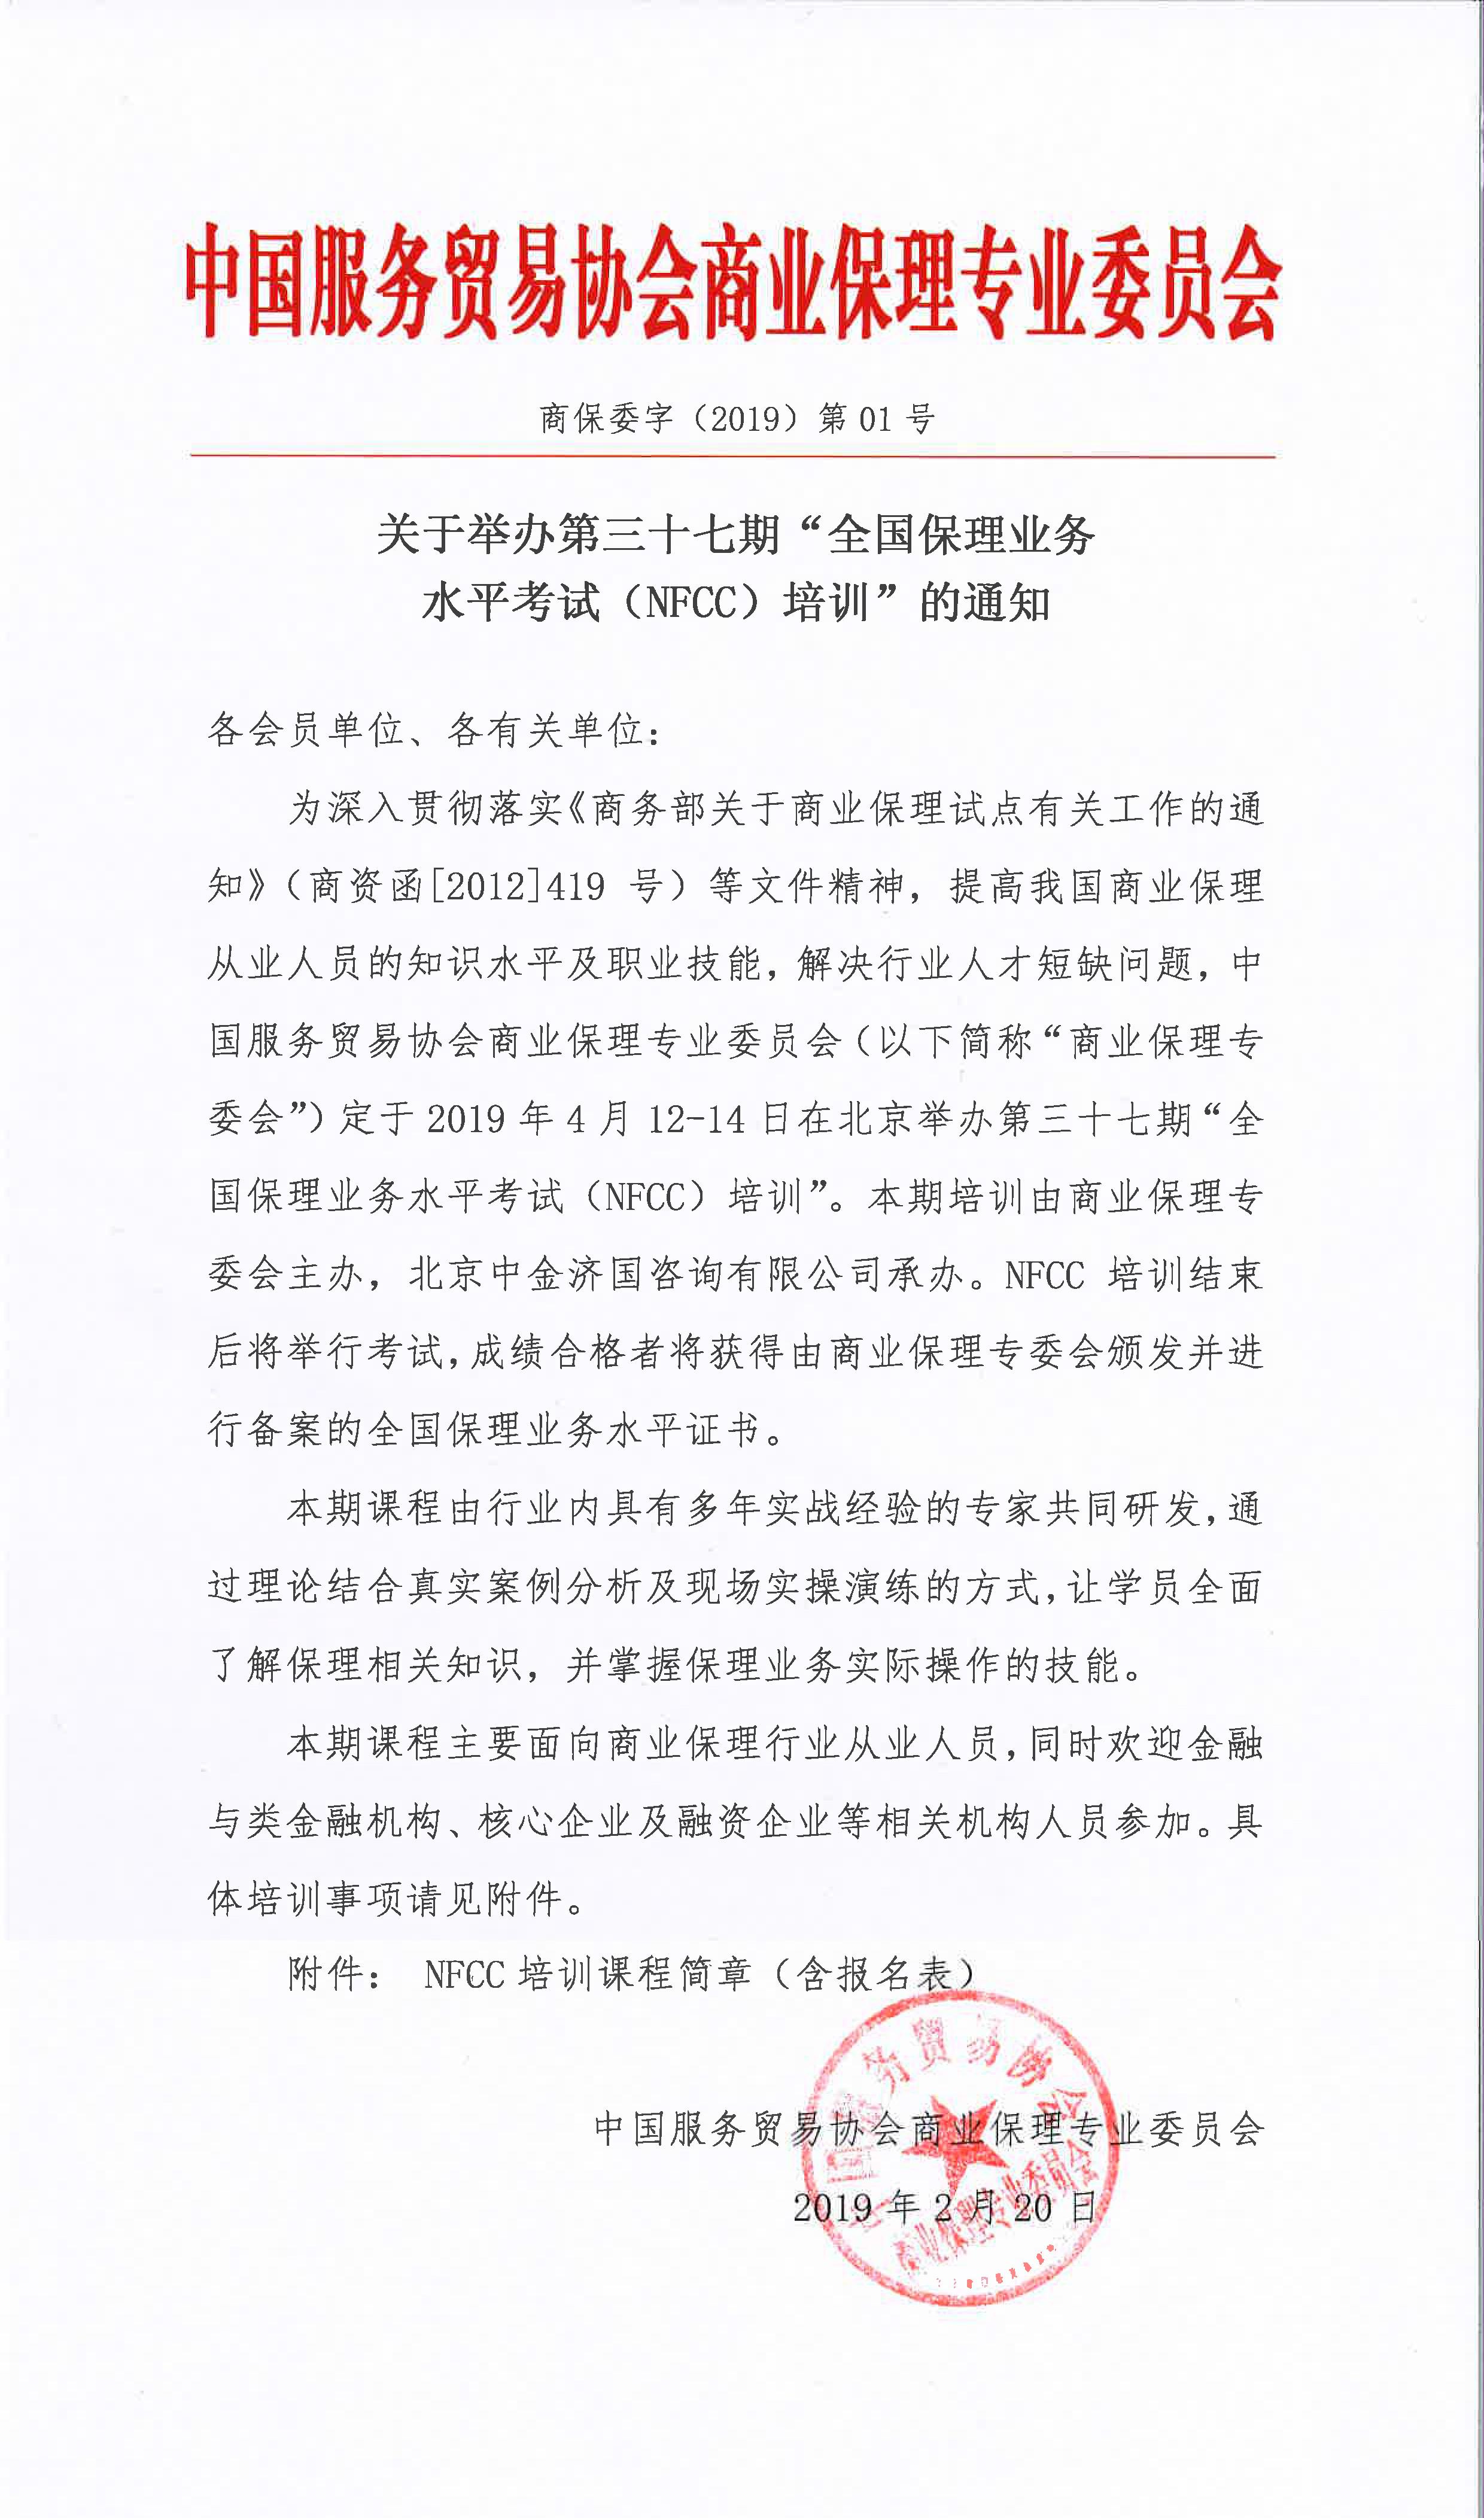 关于举办第三十七期全国保理业务水平考试(NFCC)培训的通知.jpg